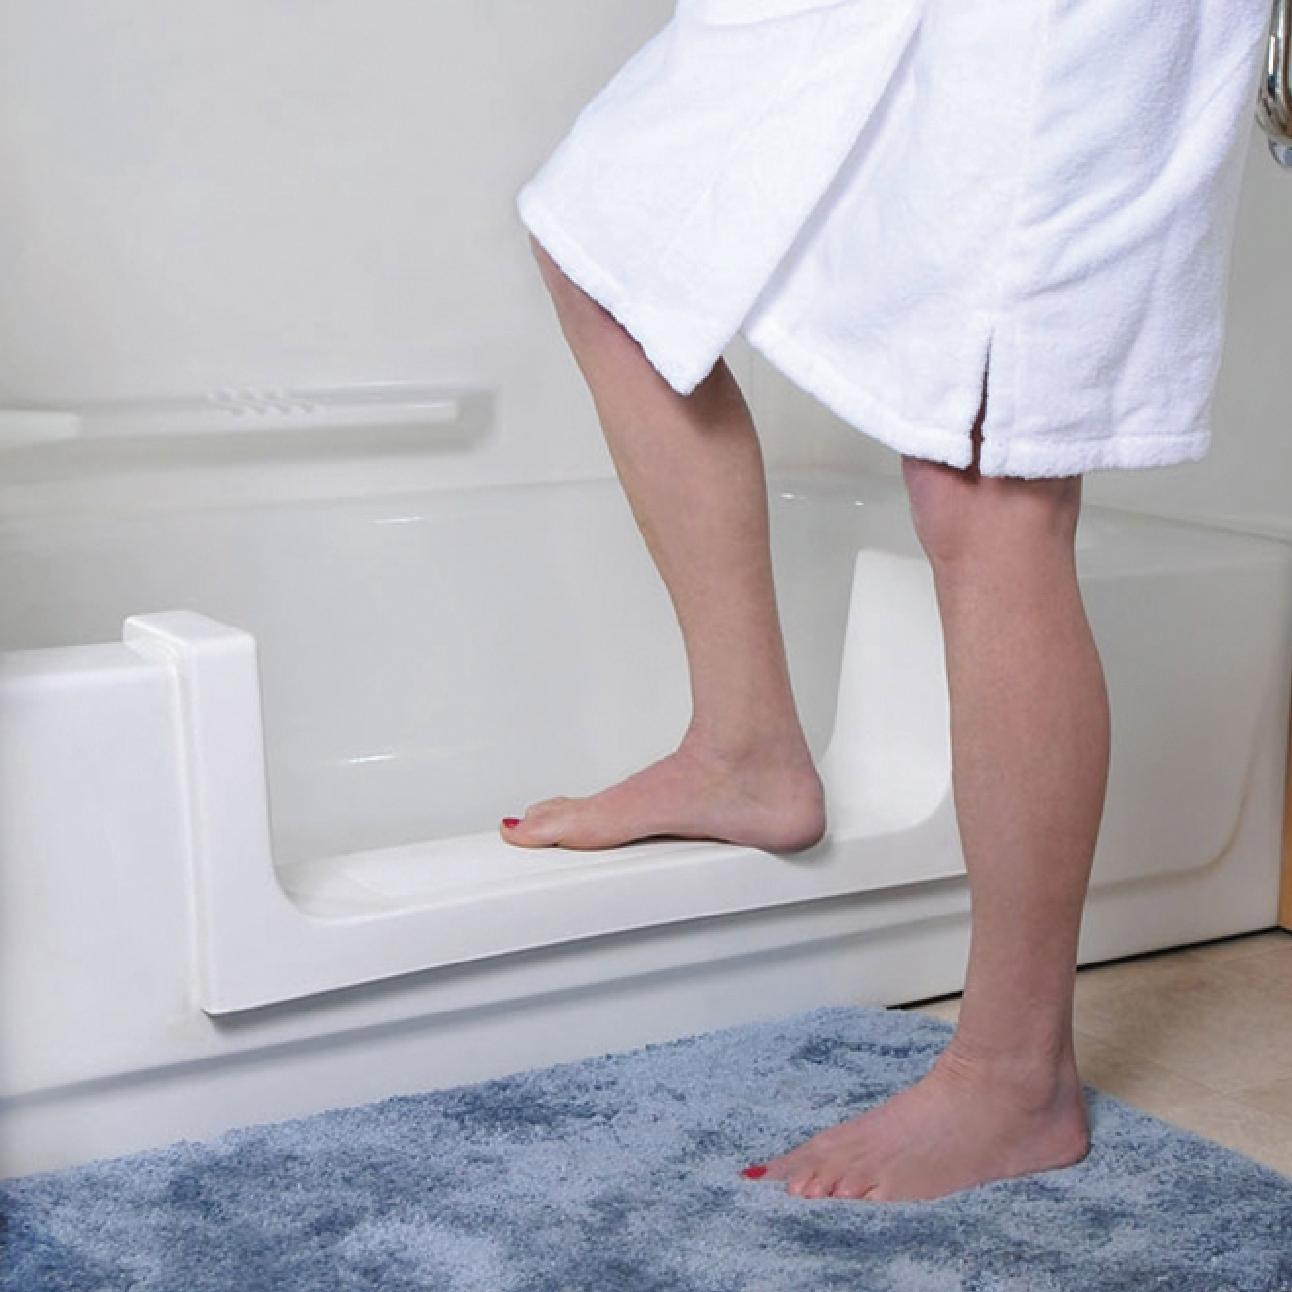 Tub Cut -